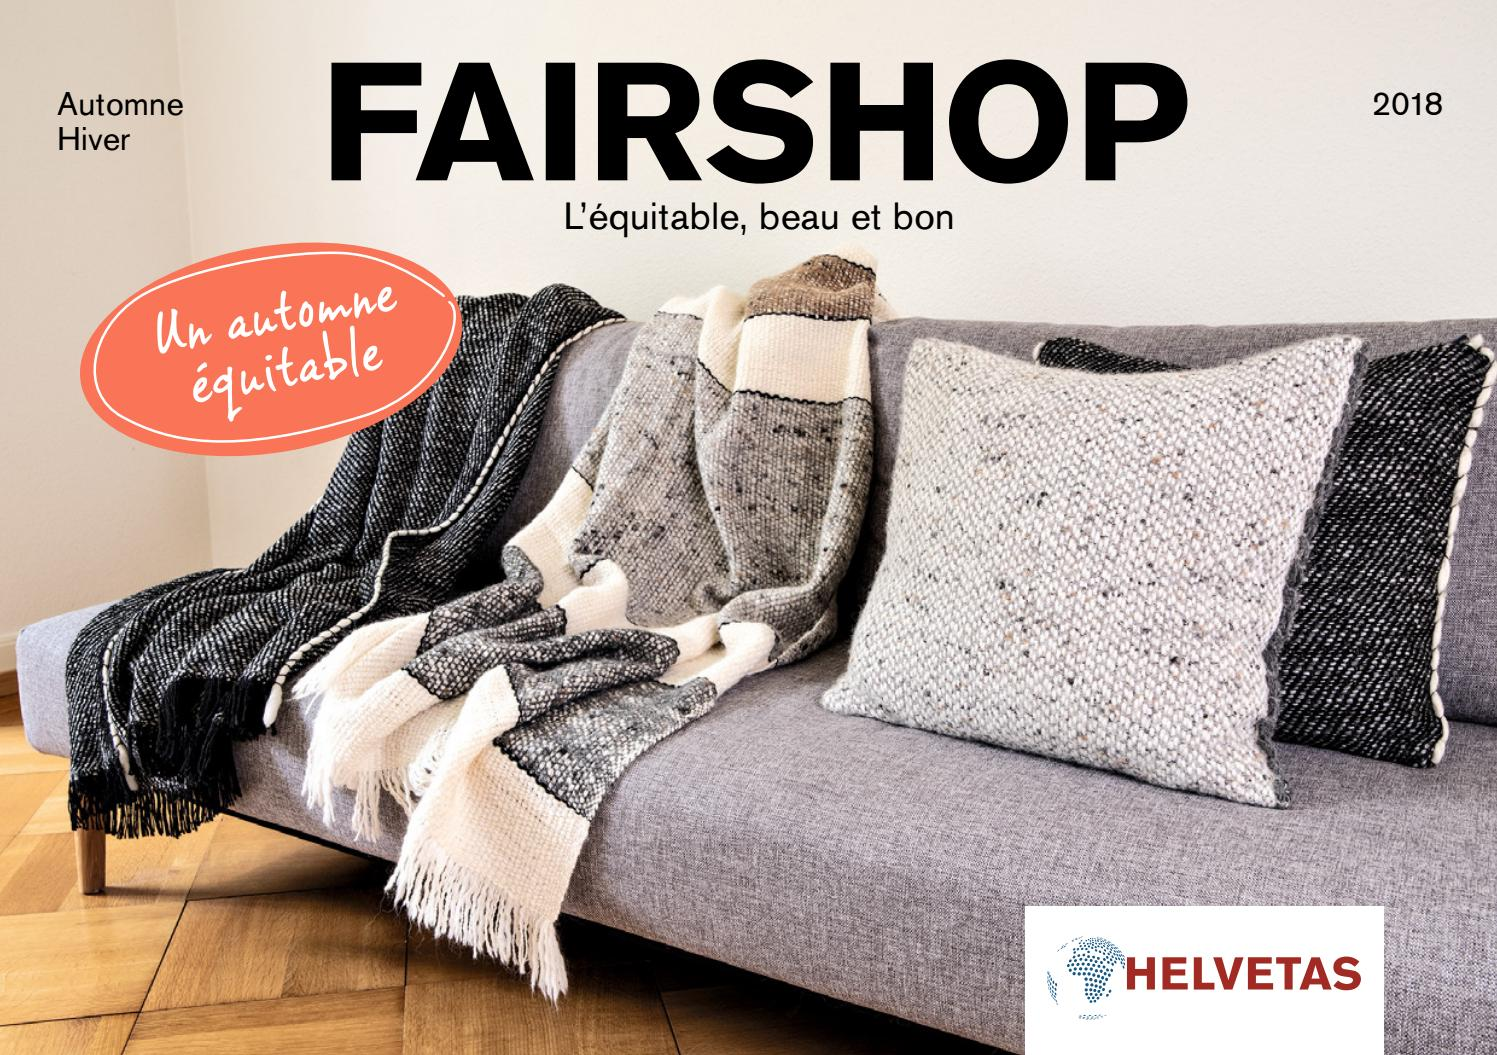 HELVETAS FAIRSHOP Prospectus «Un automne équitable» 2018 by Helvetas - issuu e732db08bd8